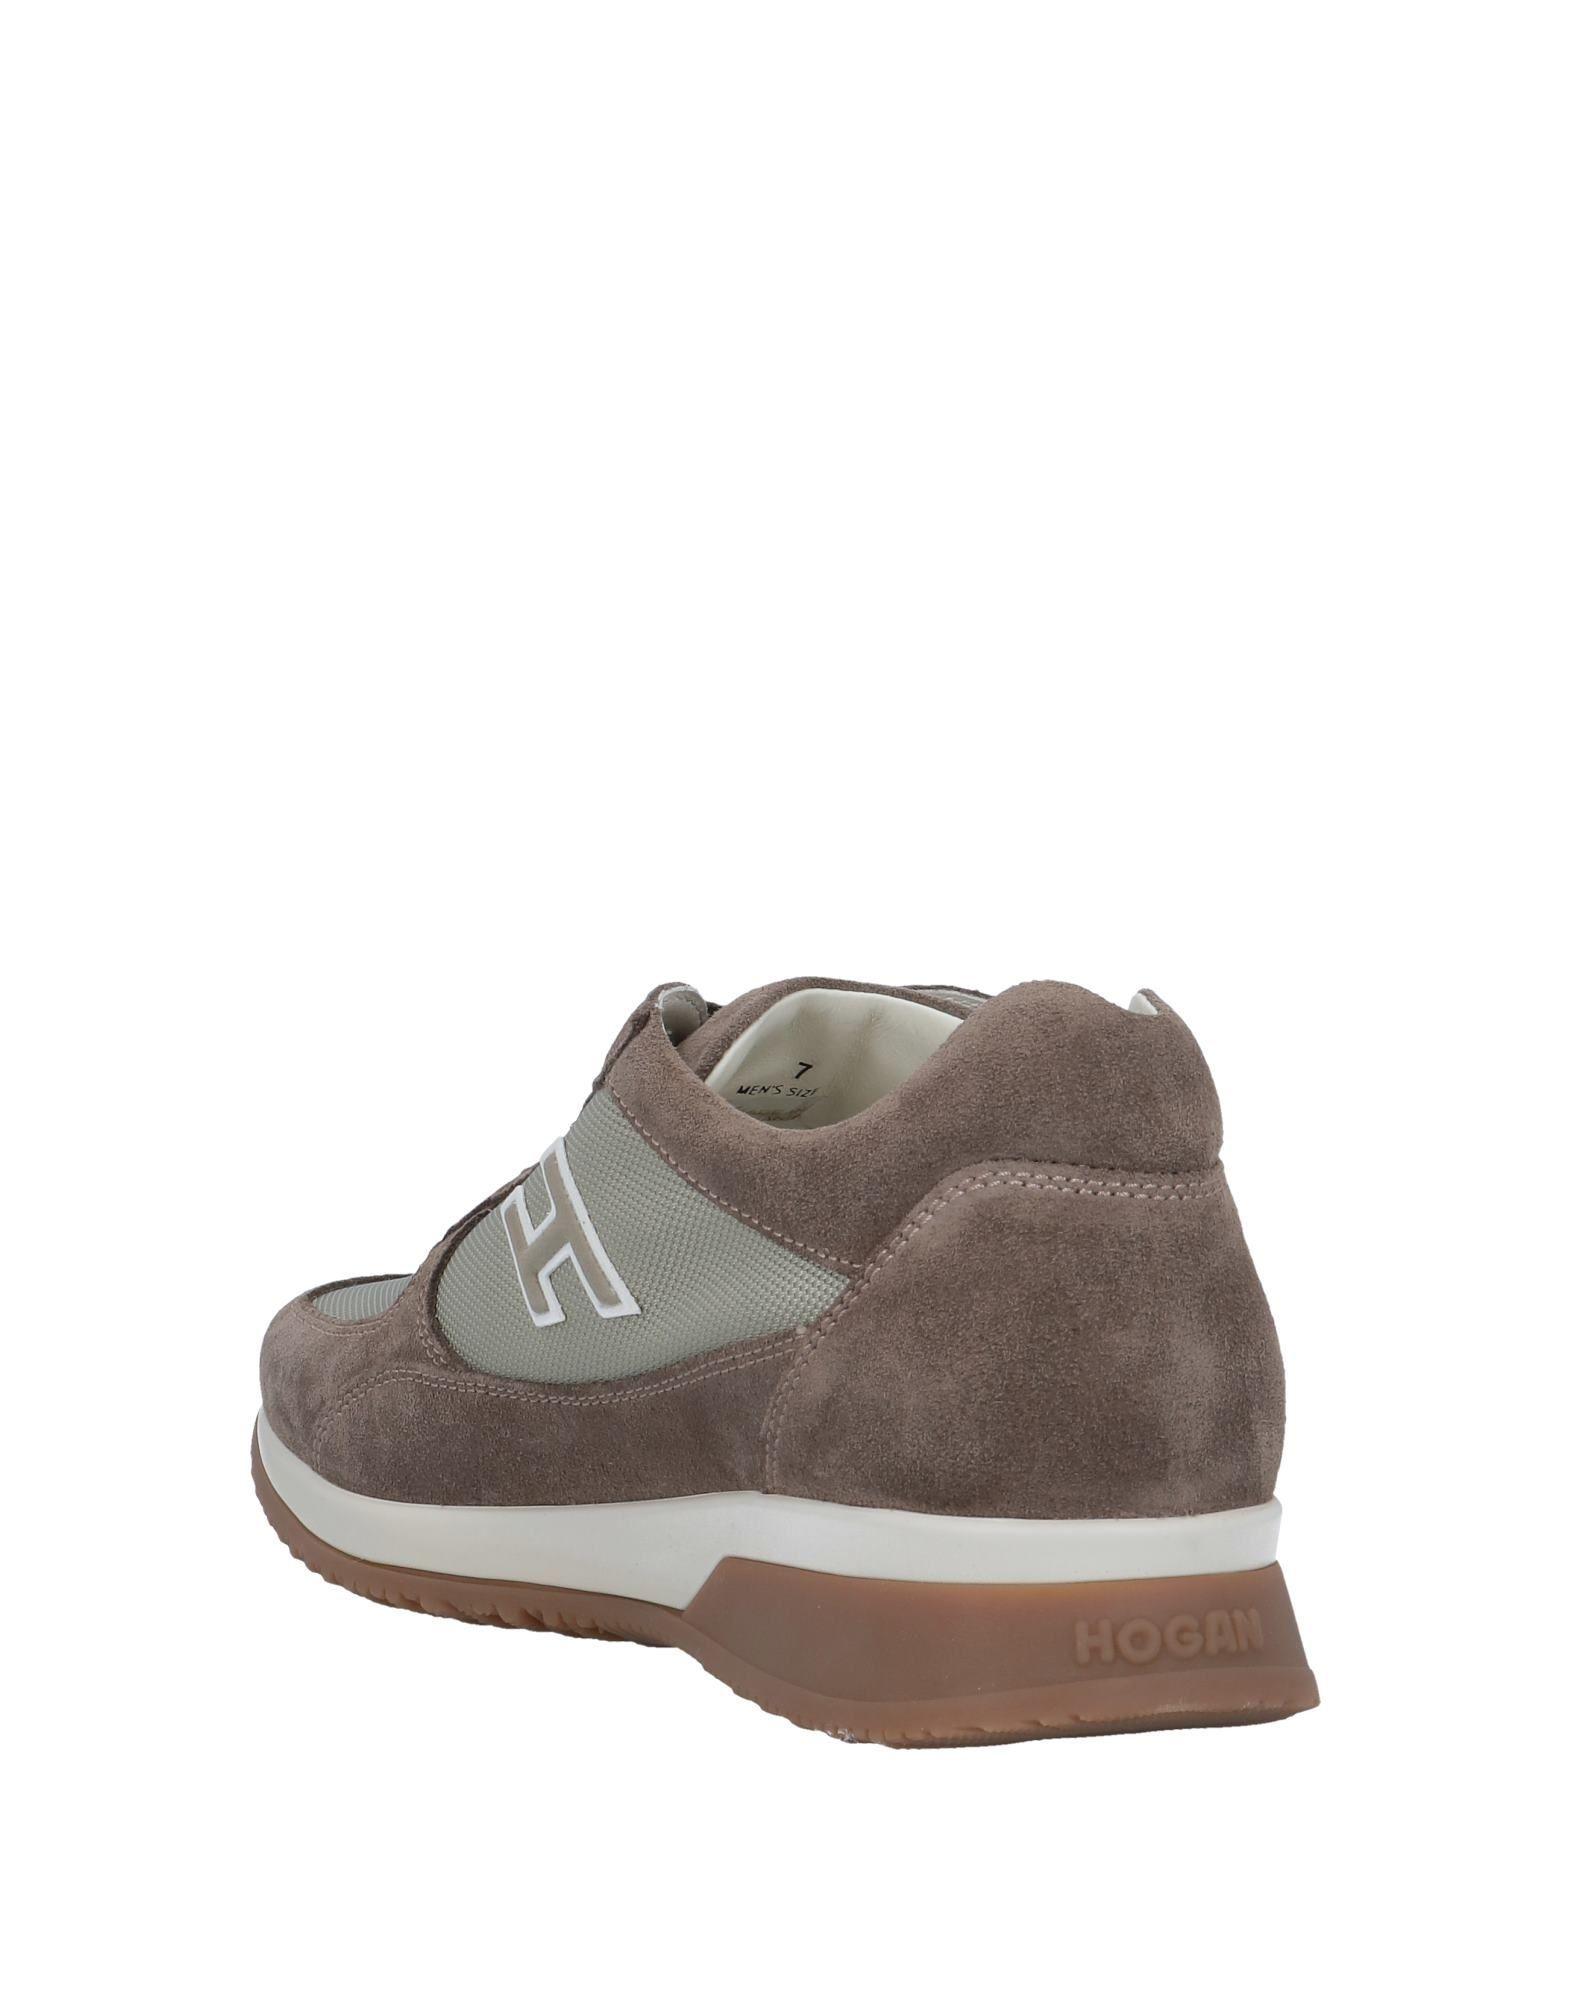 Hogan Khaki Sneakers